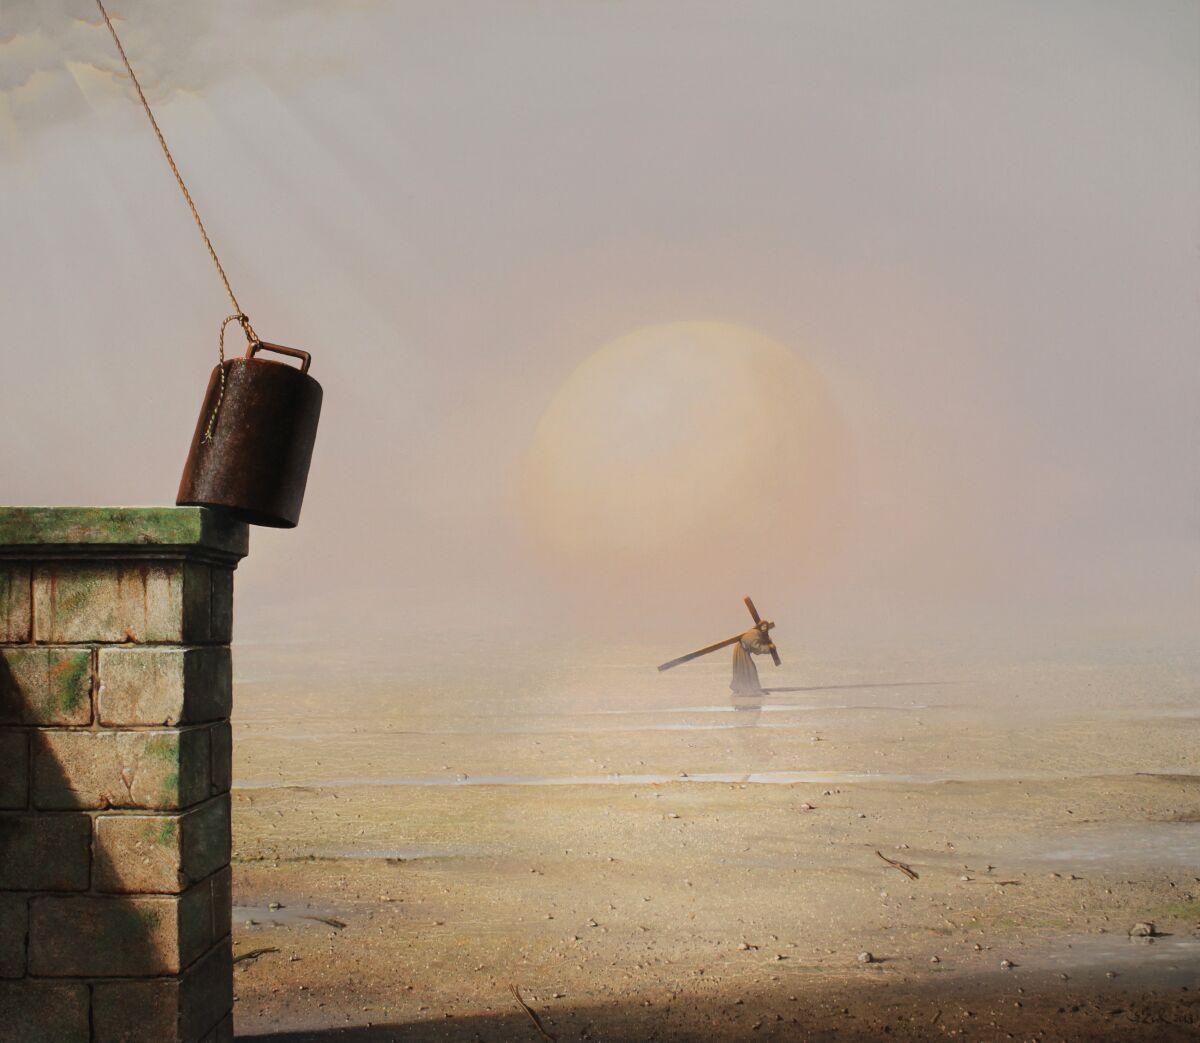 Arteclat - Hilfe von oben - Siegfried Zademack